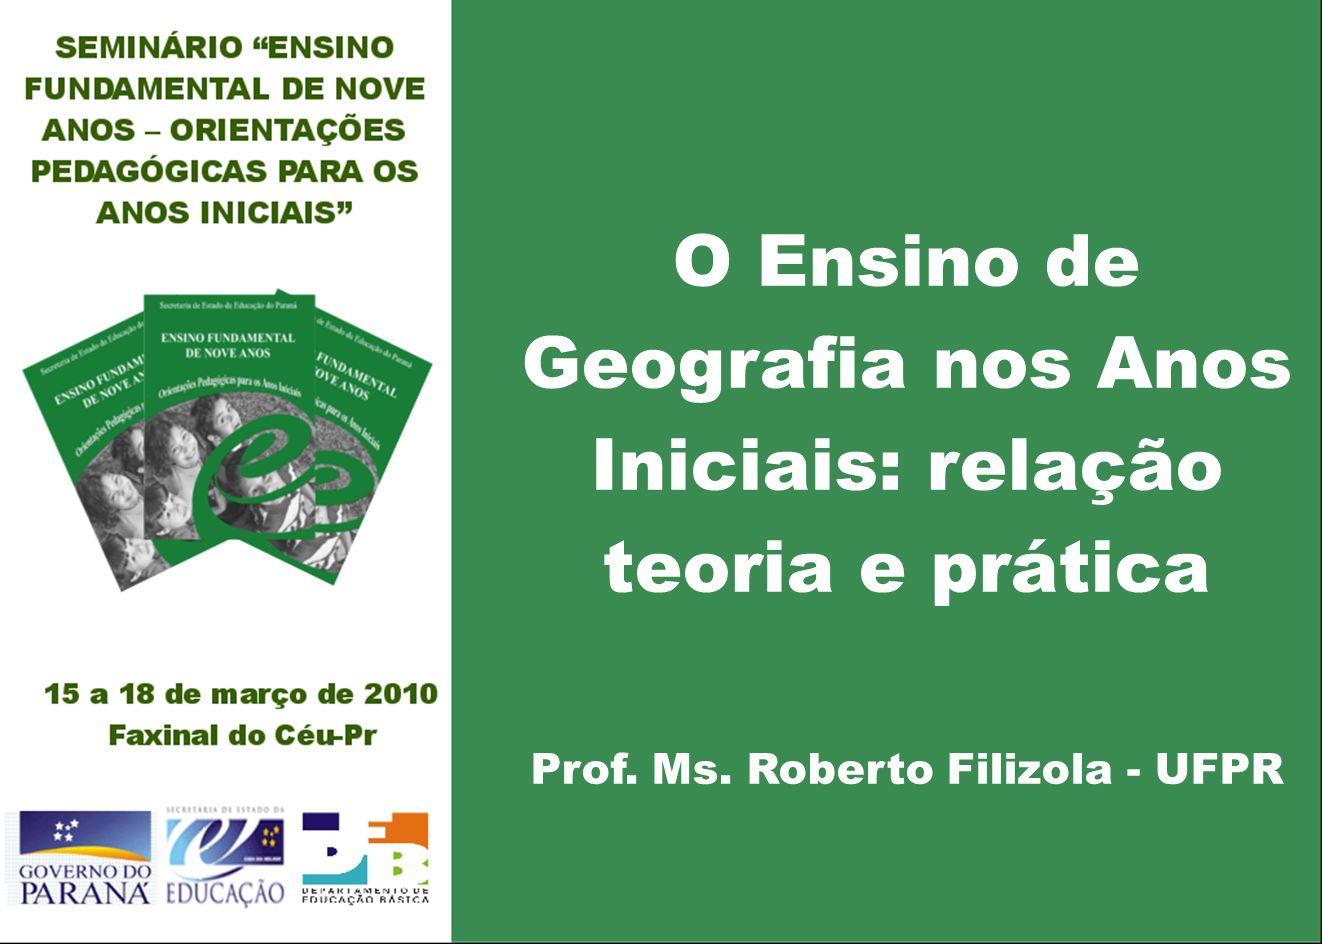 O Ensino de Geografia nos Anos Iniciais: relação teoria e prática